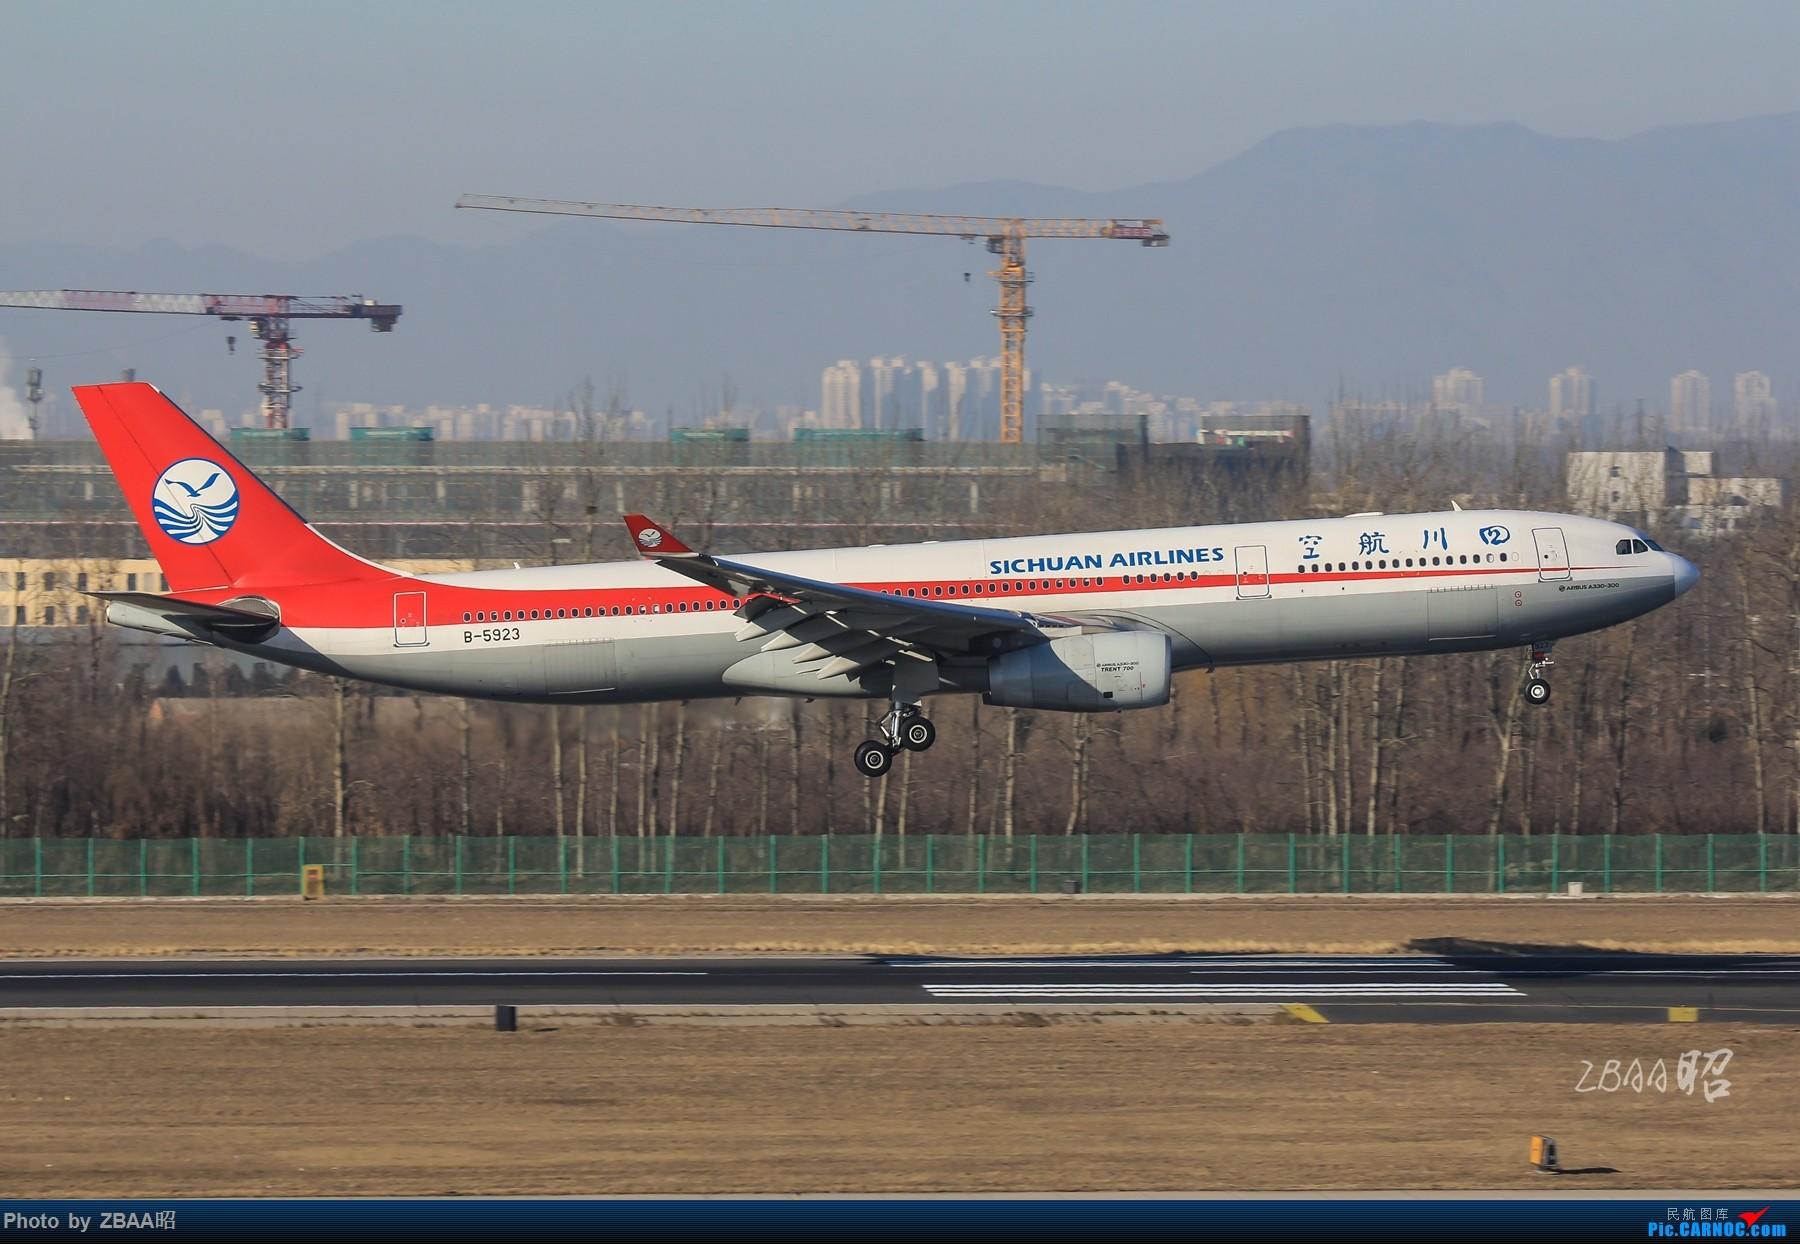 Re:[原创]飞友聚会后的独自疯狂,格林豪泰隔天怒打ZBAA 36L跑道,夜拍海航宽体机,寒风中坚守楼顶阵地 AIRBUS A330-300 B-5923 中国北京首都国际机场